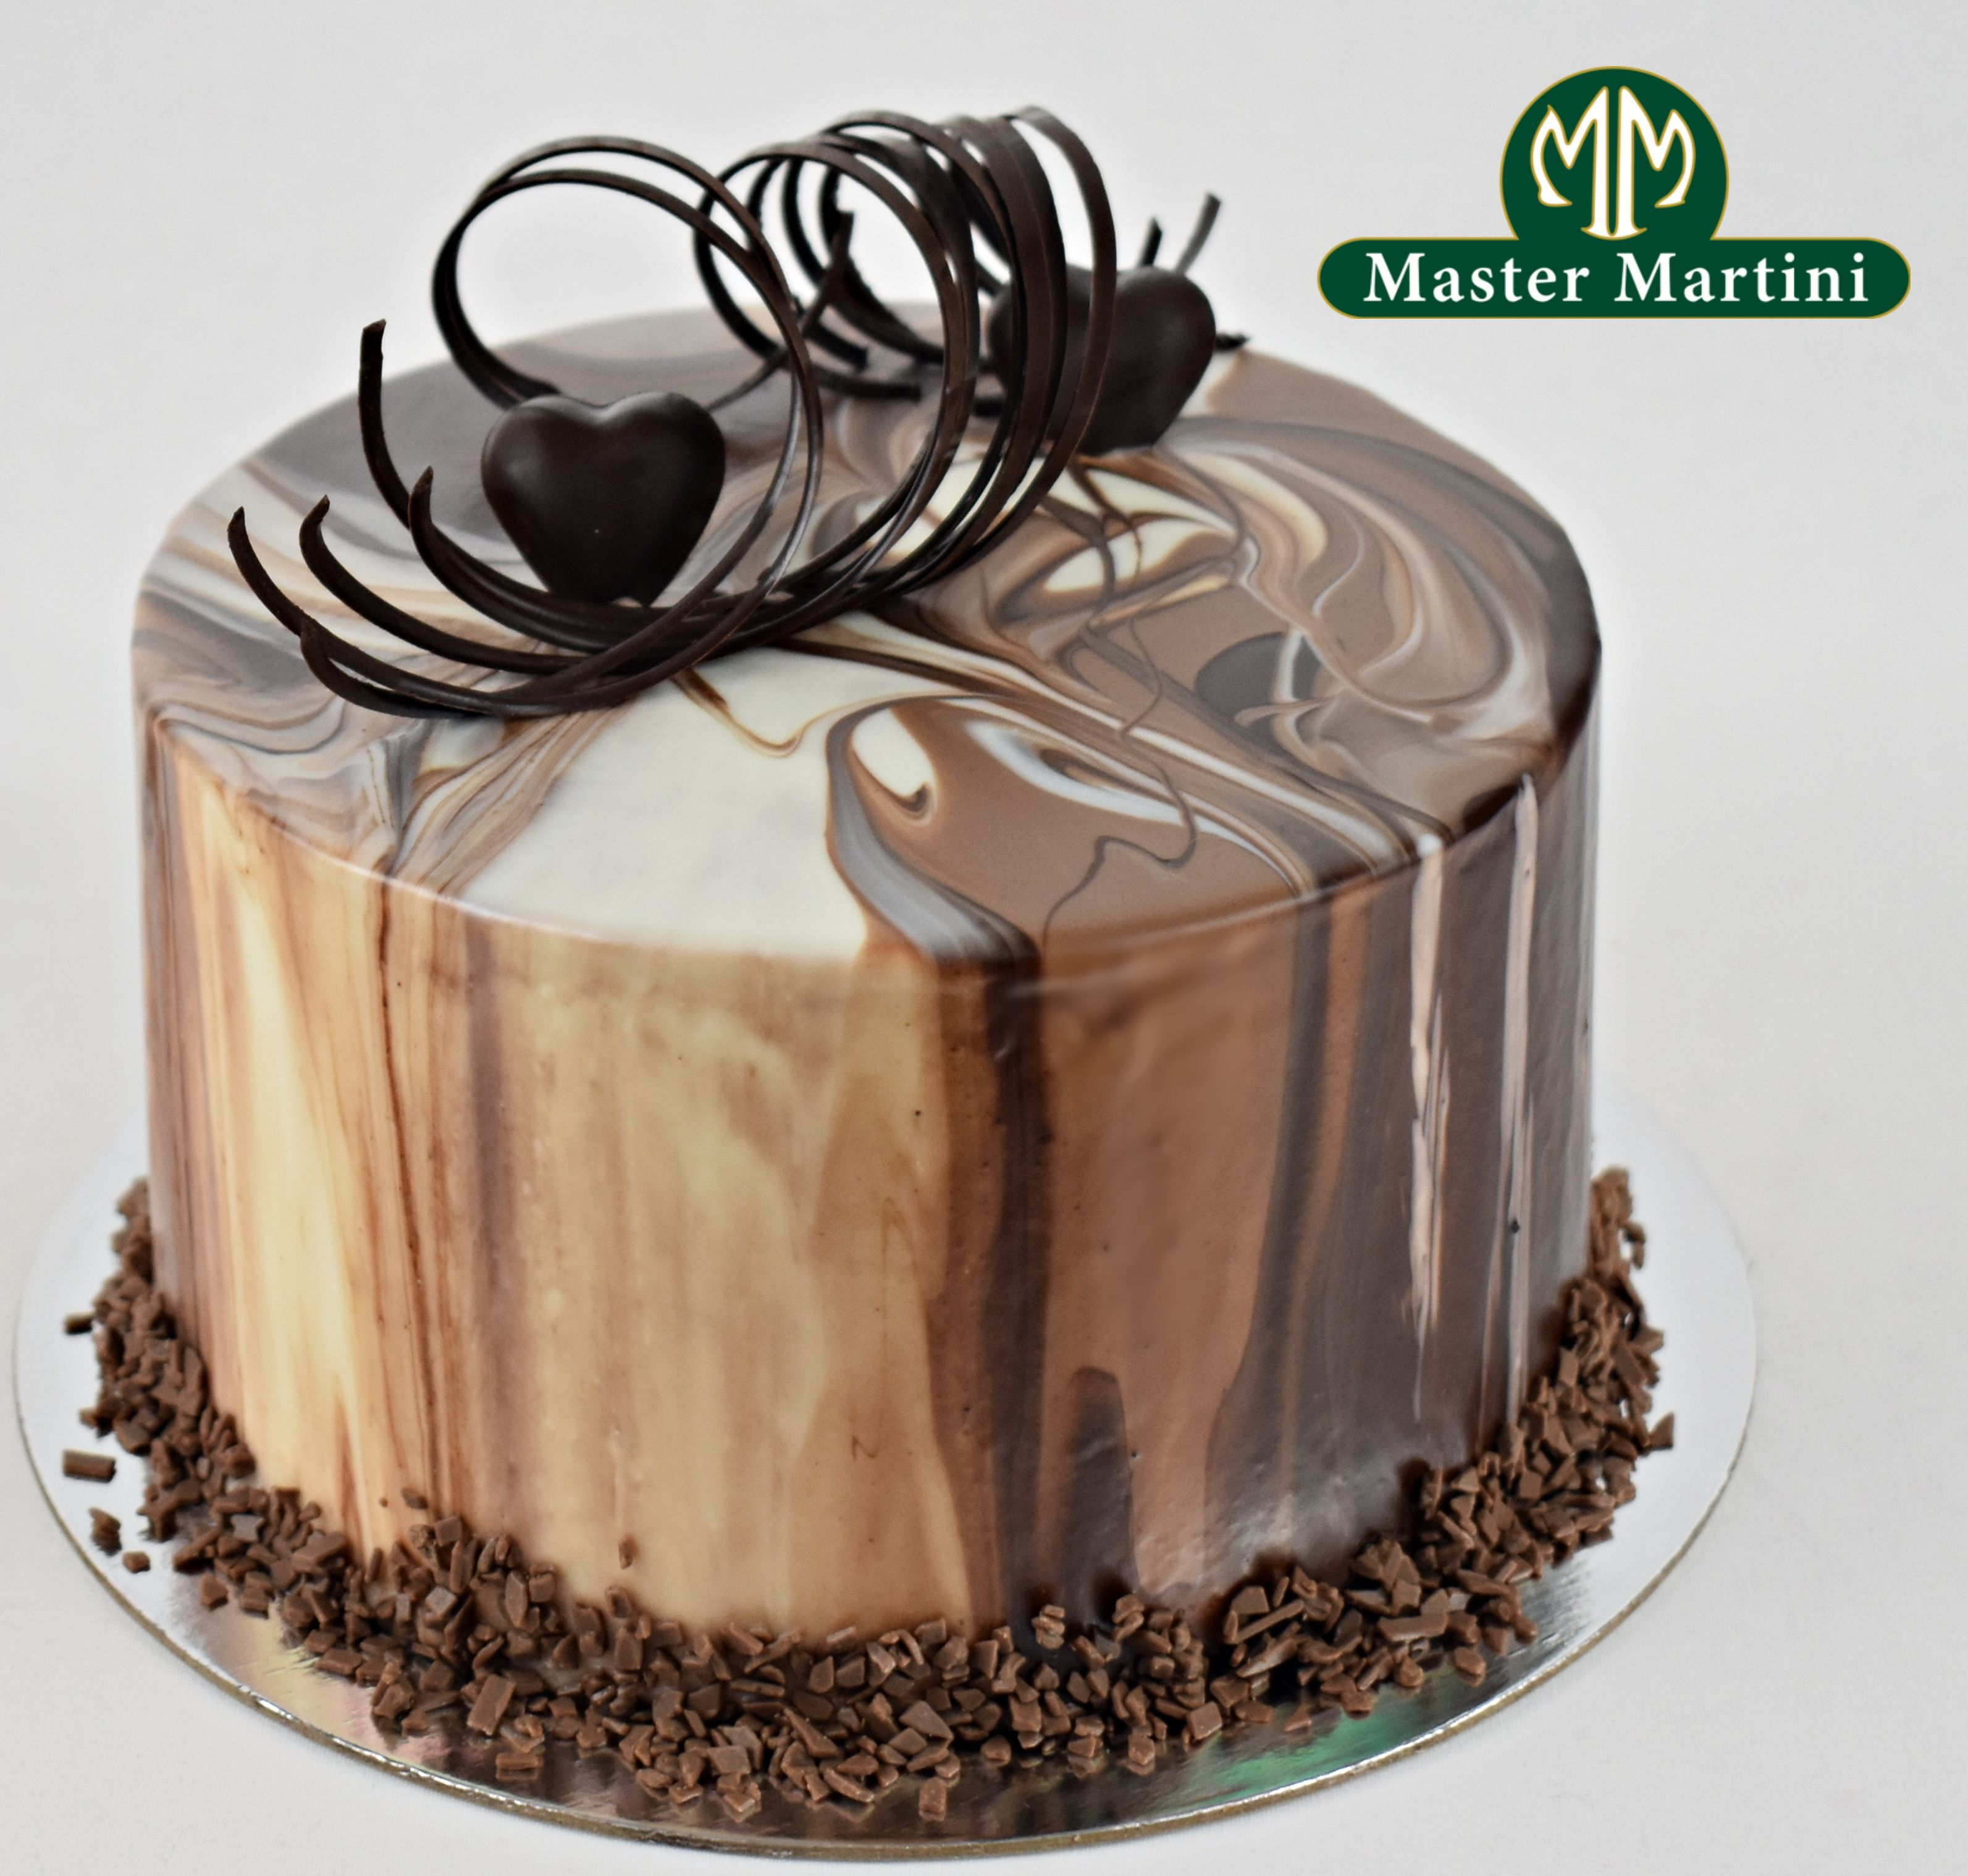 Triple Chocolate Ganache Cake Marbled Ganache Cake Made With Master Martini Dark Milk And White Choco With Images Chocolate Chocolate Ganache Cake Dark Chocolate Cakes